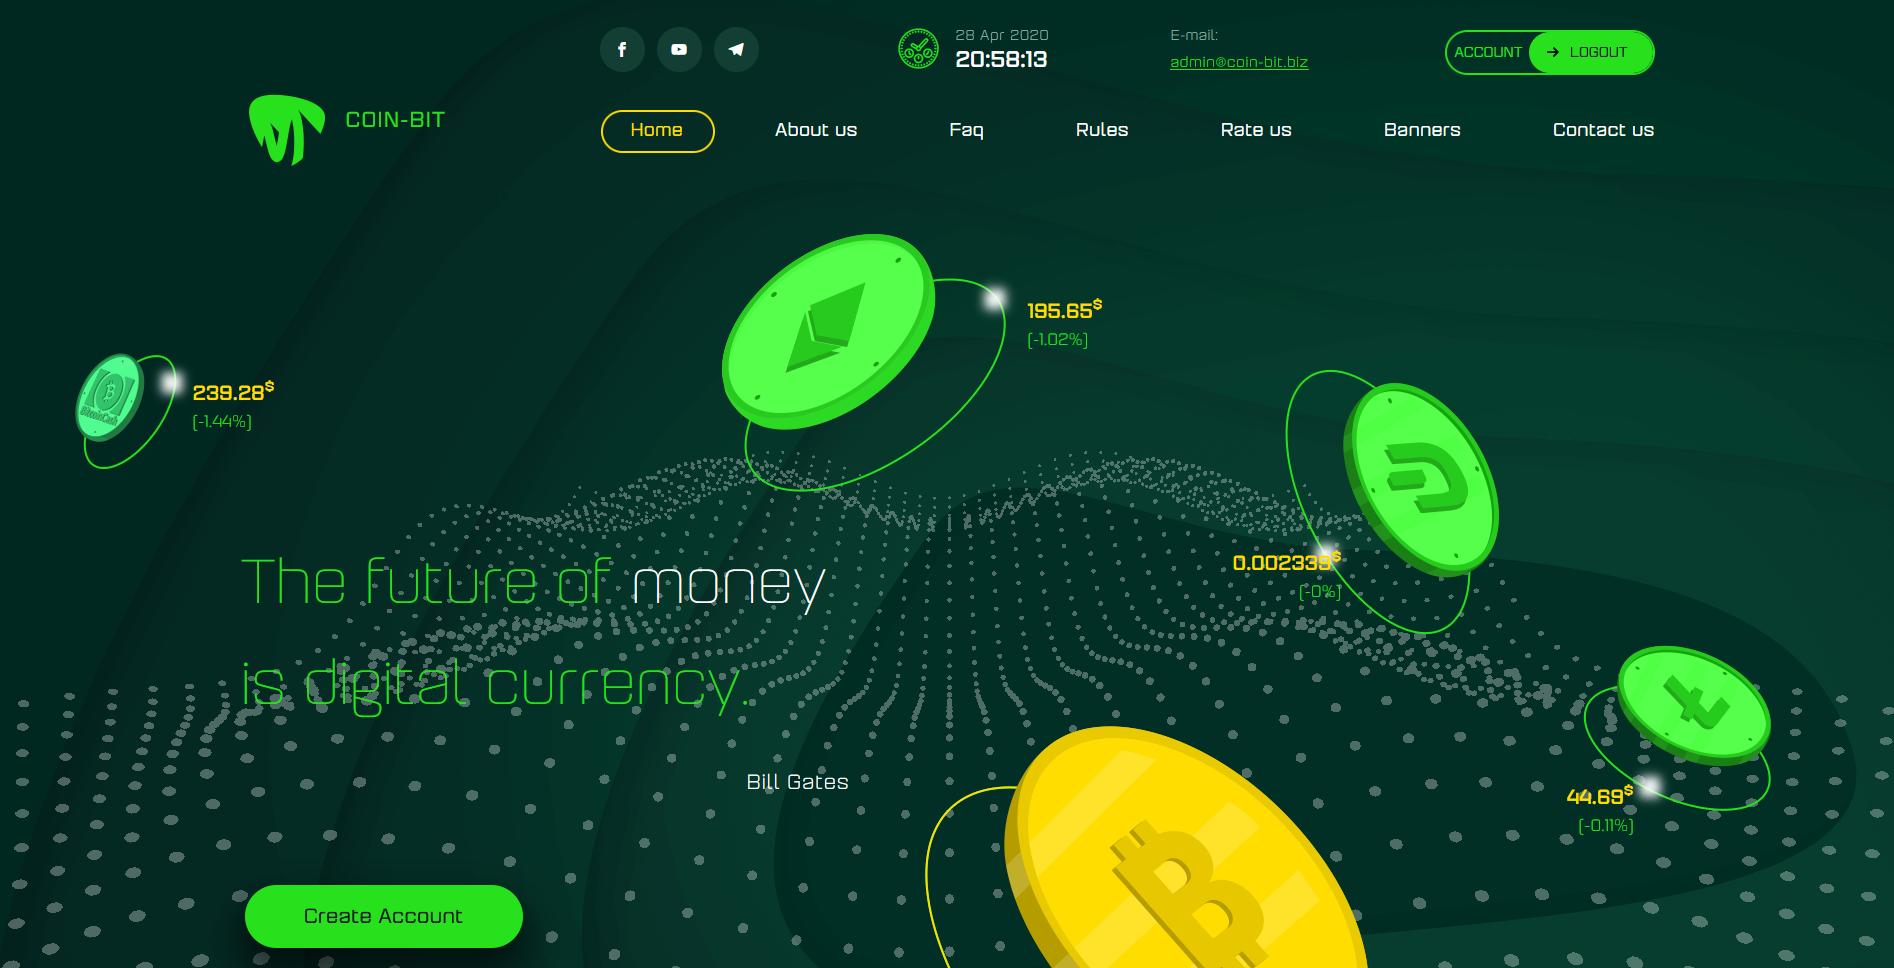 Coin-Bit - coin-bit.biz